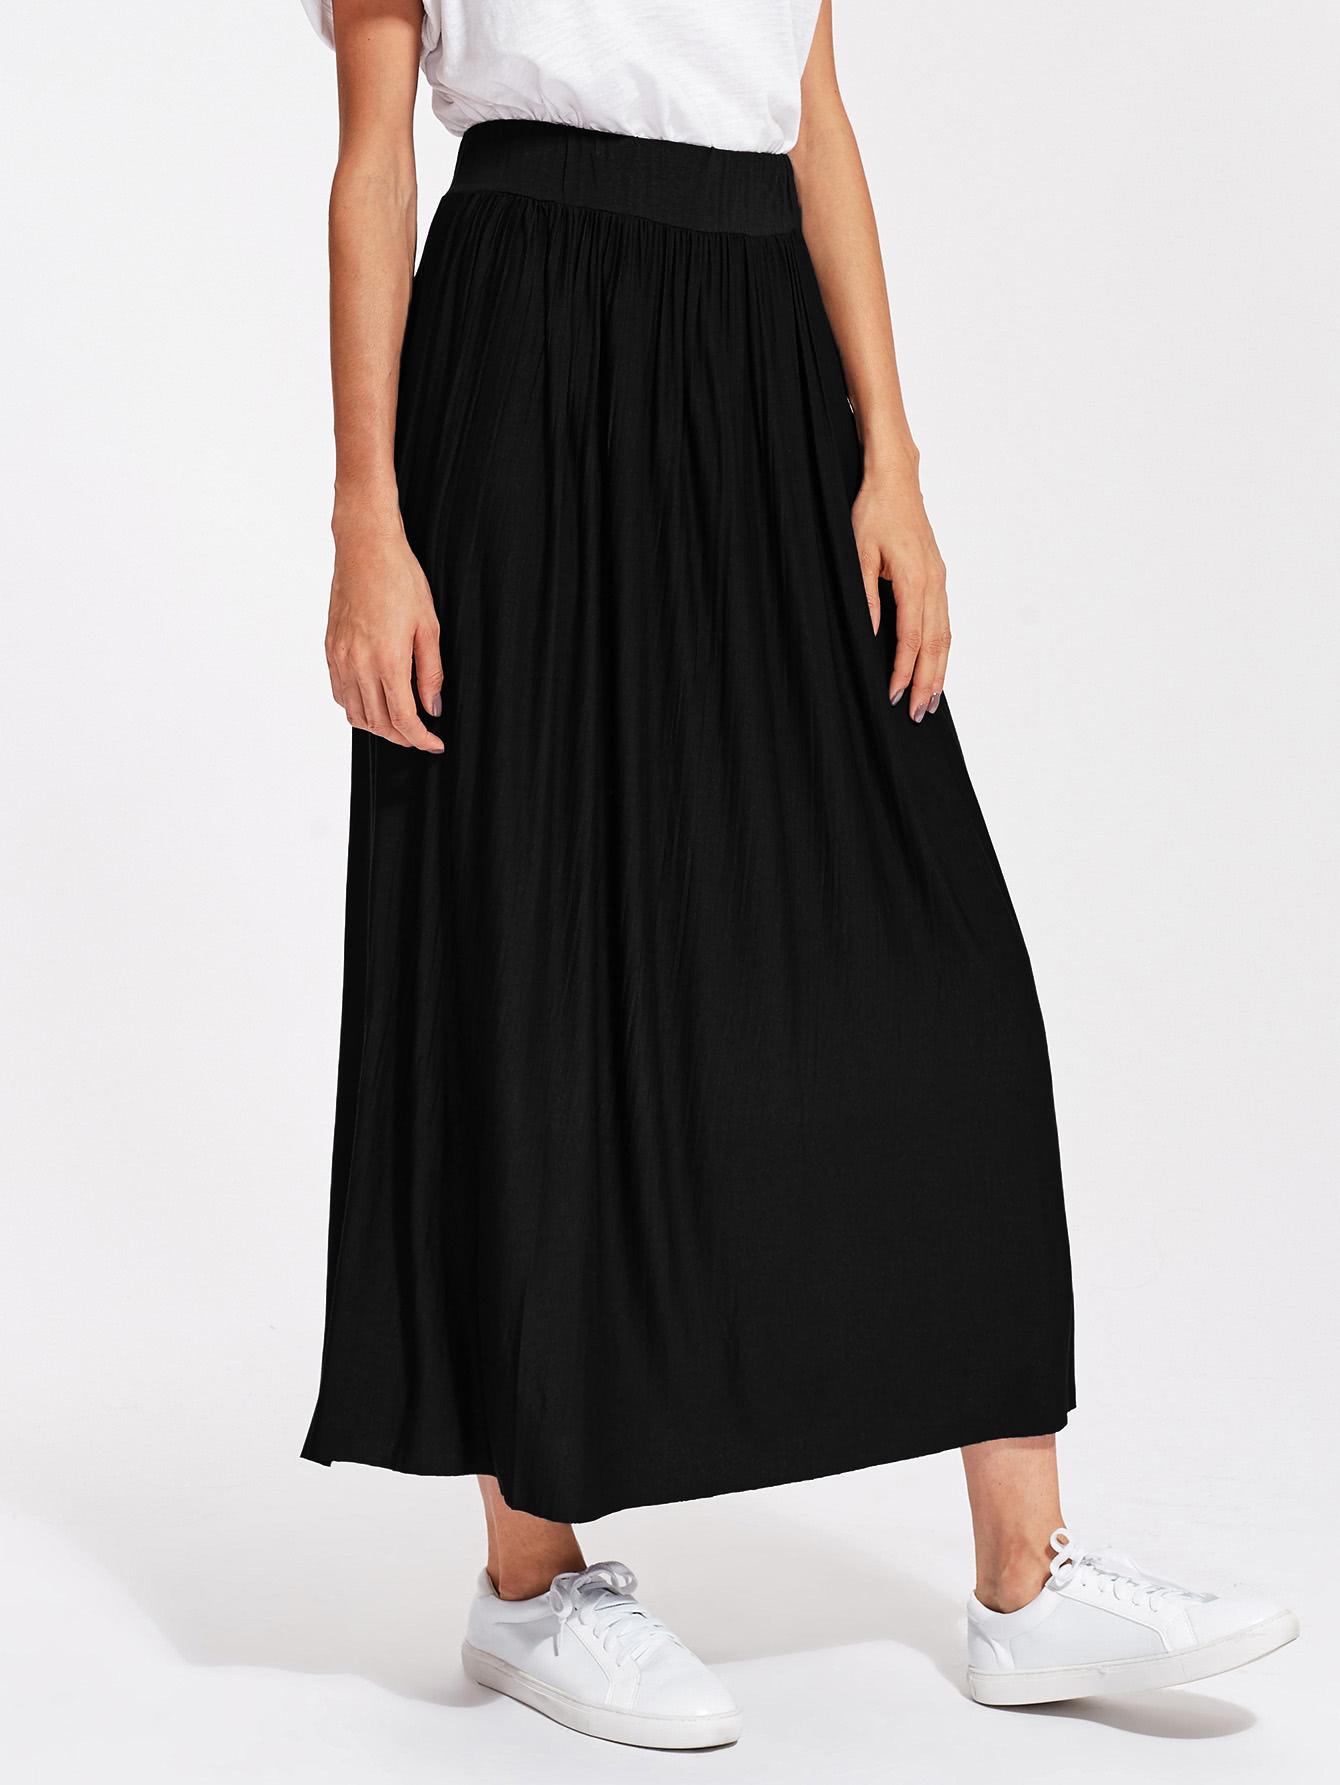 Crinkle Elastic Waist Full Length Skirt